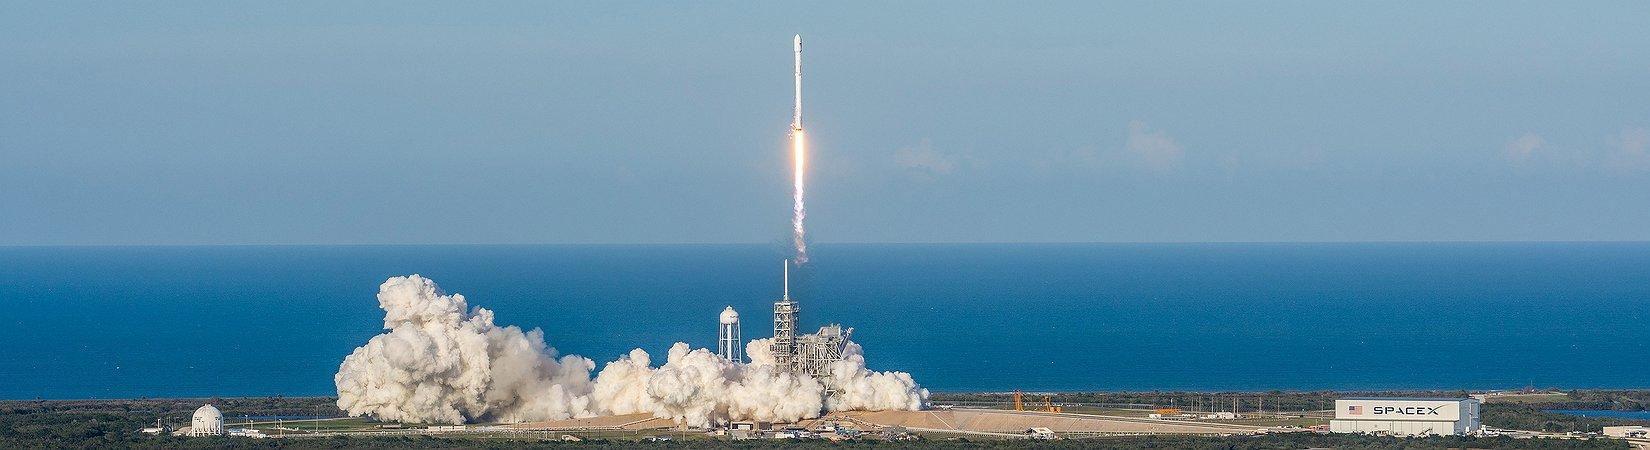 SpaceX ha conseguido enviar al espacio un cohete reutilizado: ¿Por qué es tan importante?